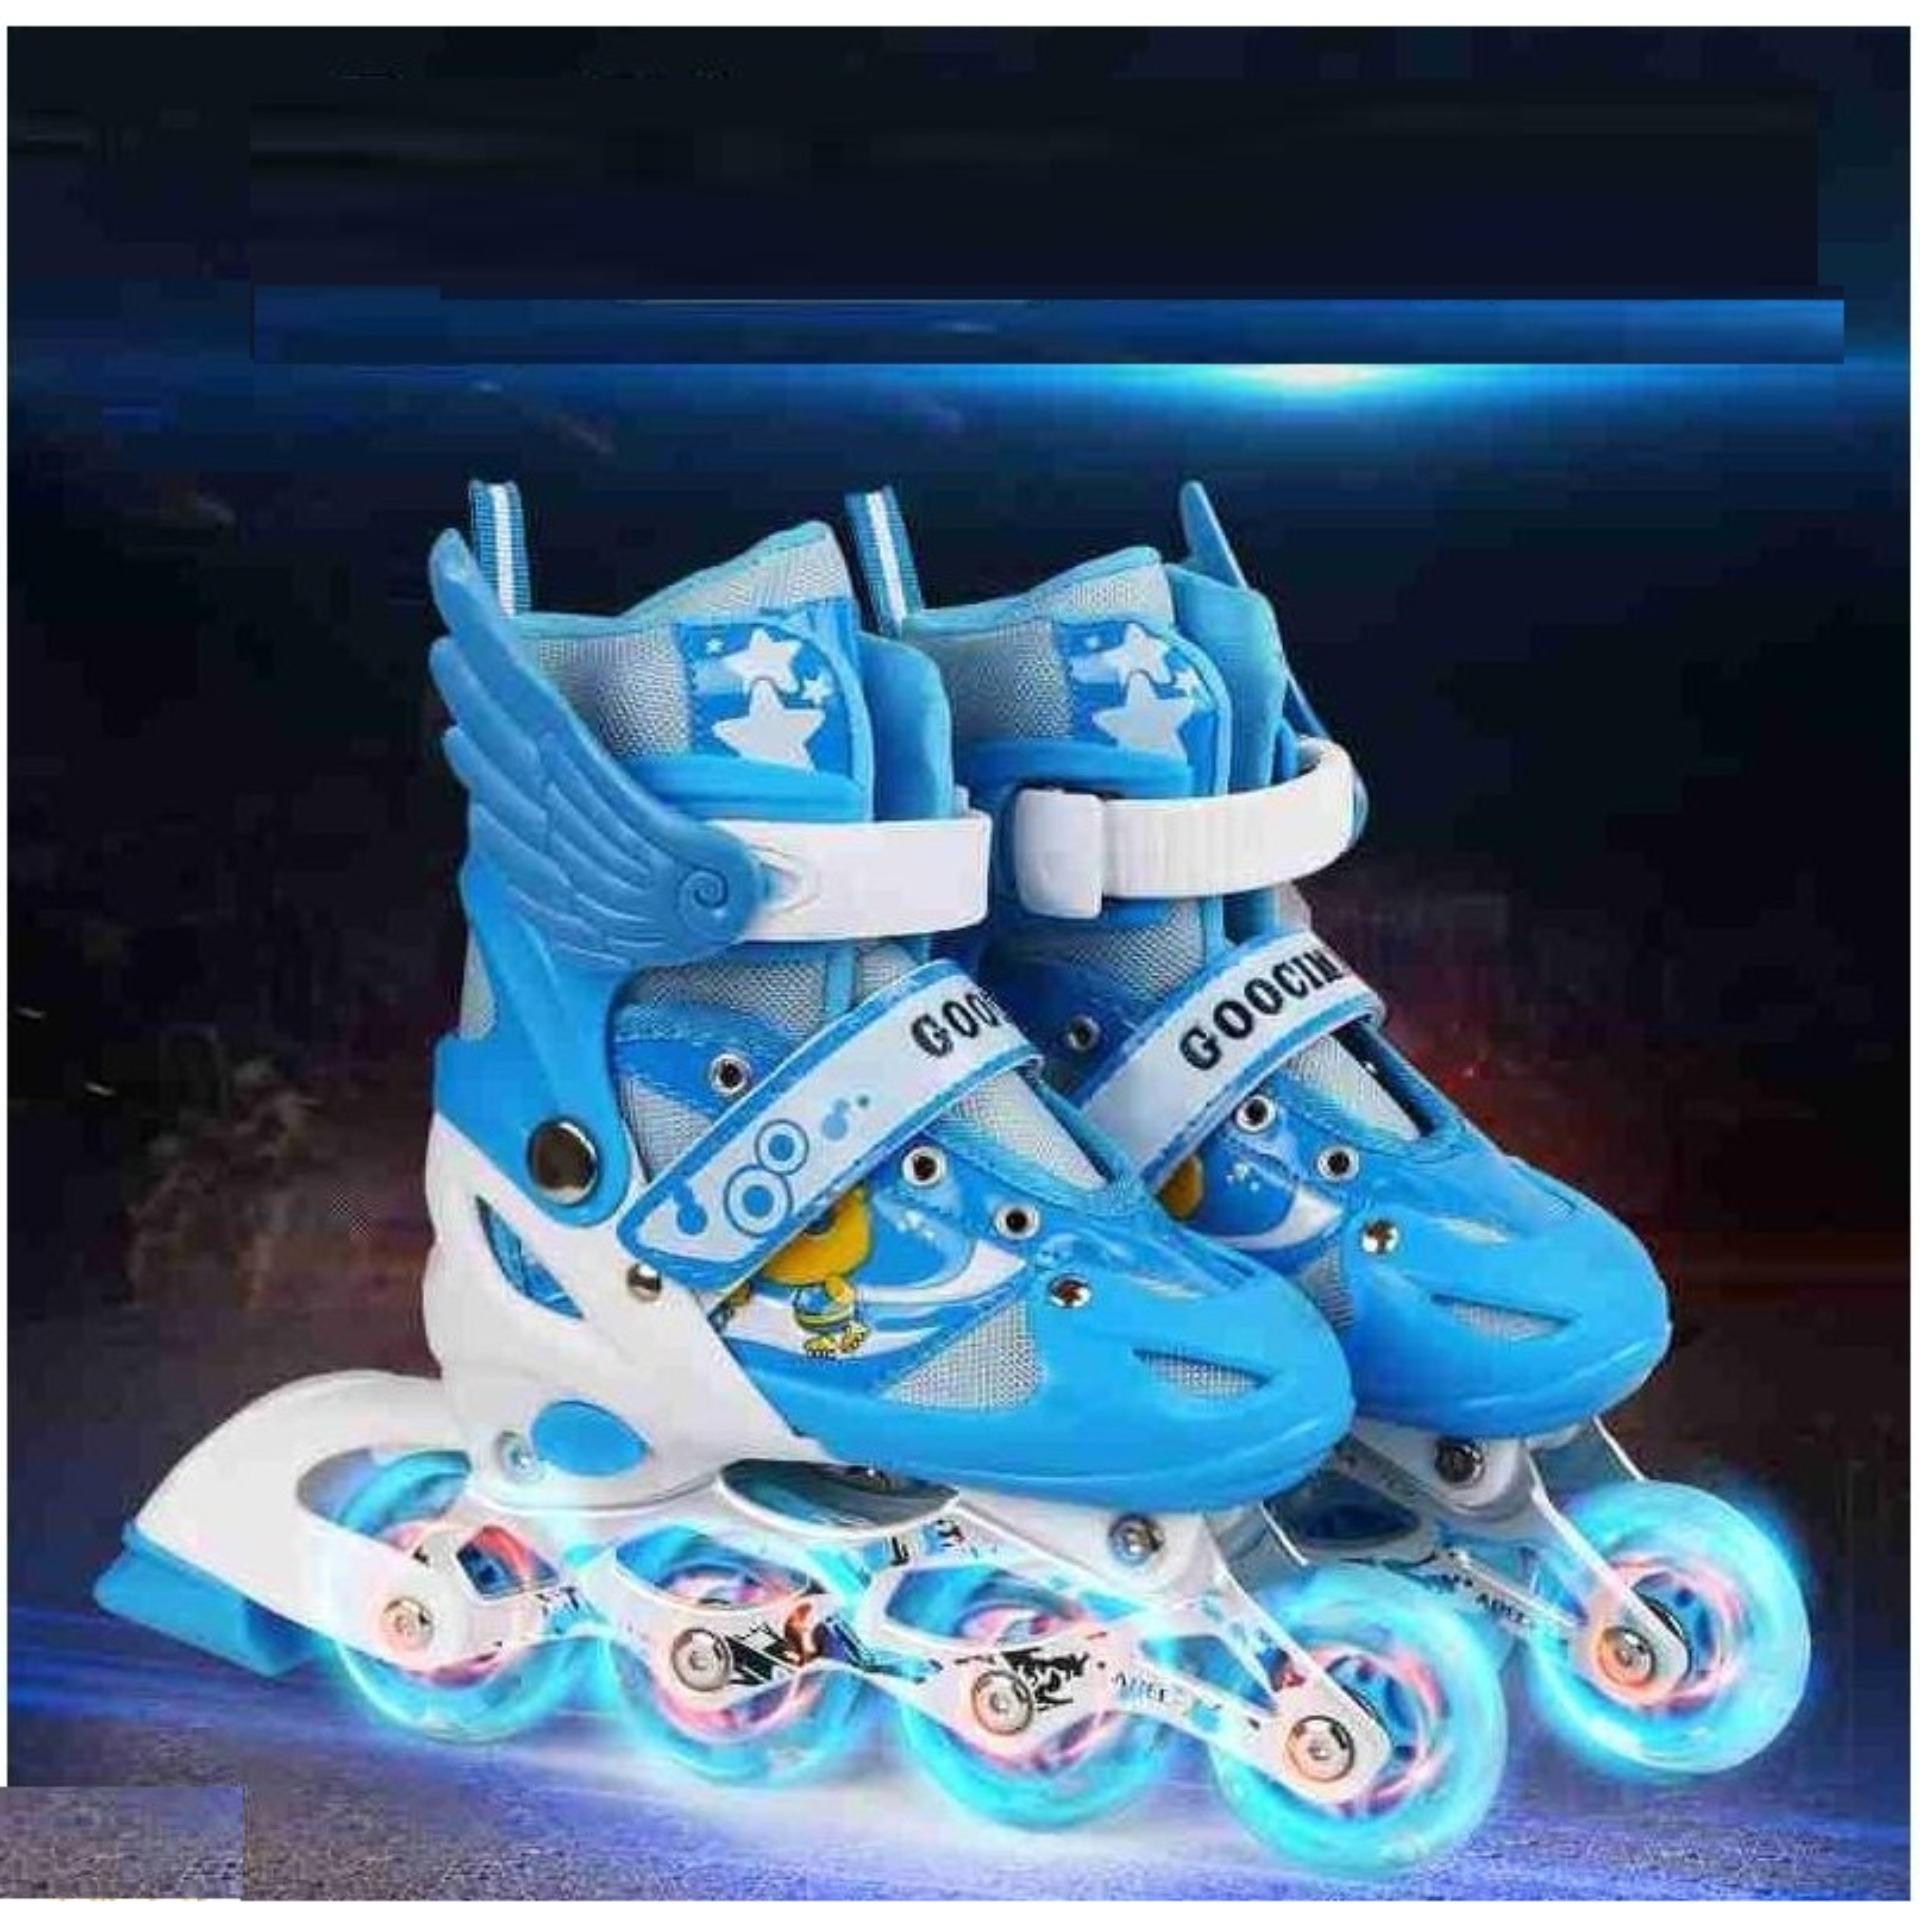 Giày patin trẻ em,giầy trượt patin cho trẻ em - Giày Patin Trẻ Em, Chắc Chắn, Ôm Sát Chân Chân,  Giúp Bé Vui Chơi Thỏa Thích Mà Lại An Toàn, Sản Phẩm Cao Cấp -Tặng Kèm Bộ Bảo Hộ Đáng Yêu  - Mẫu Mới 2044